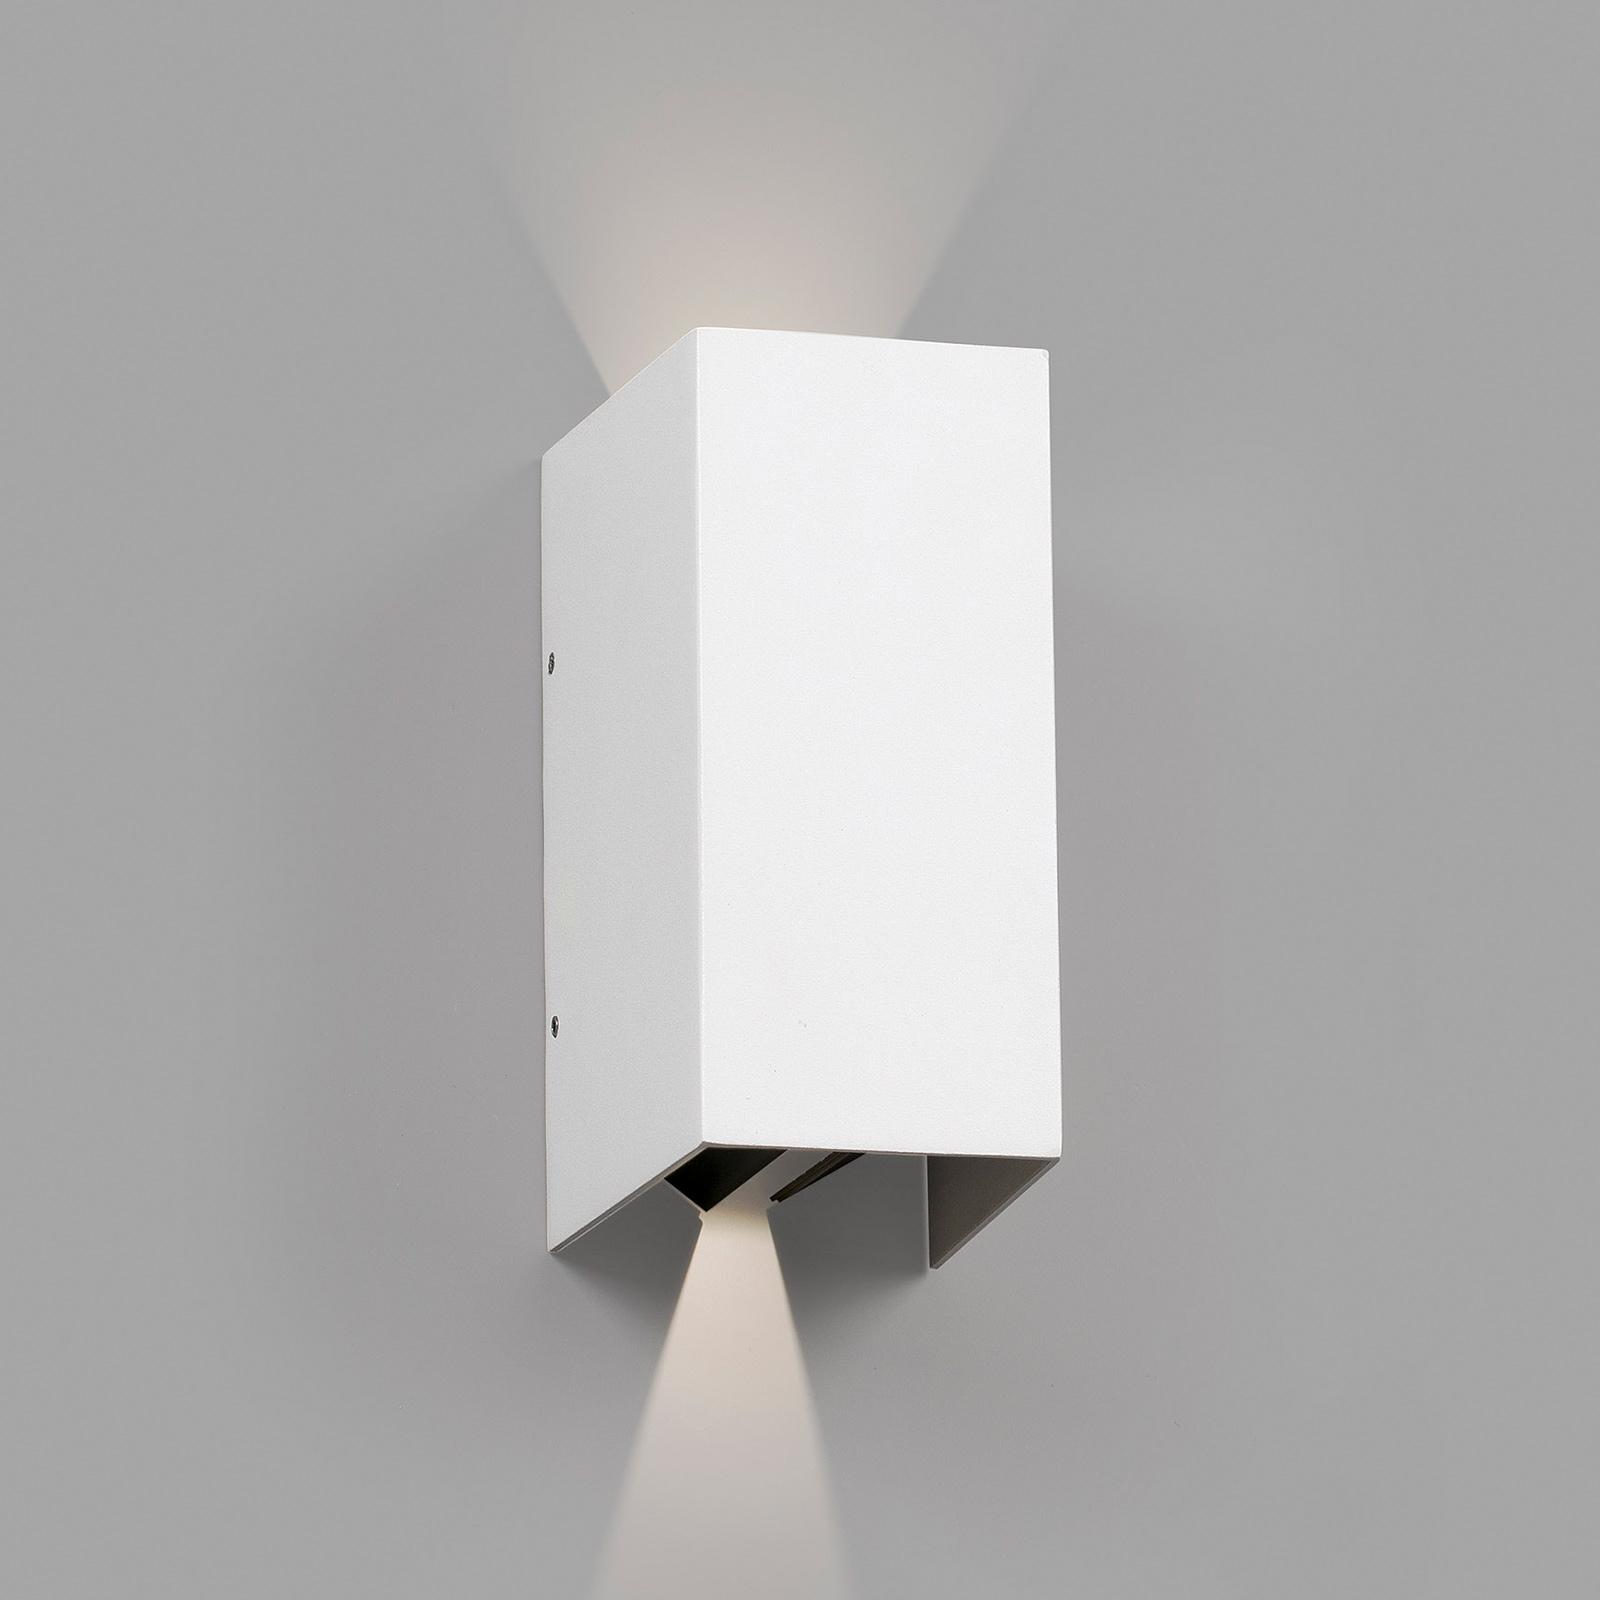 LED-Außenwandleuchte Blind, weiß